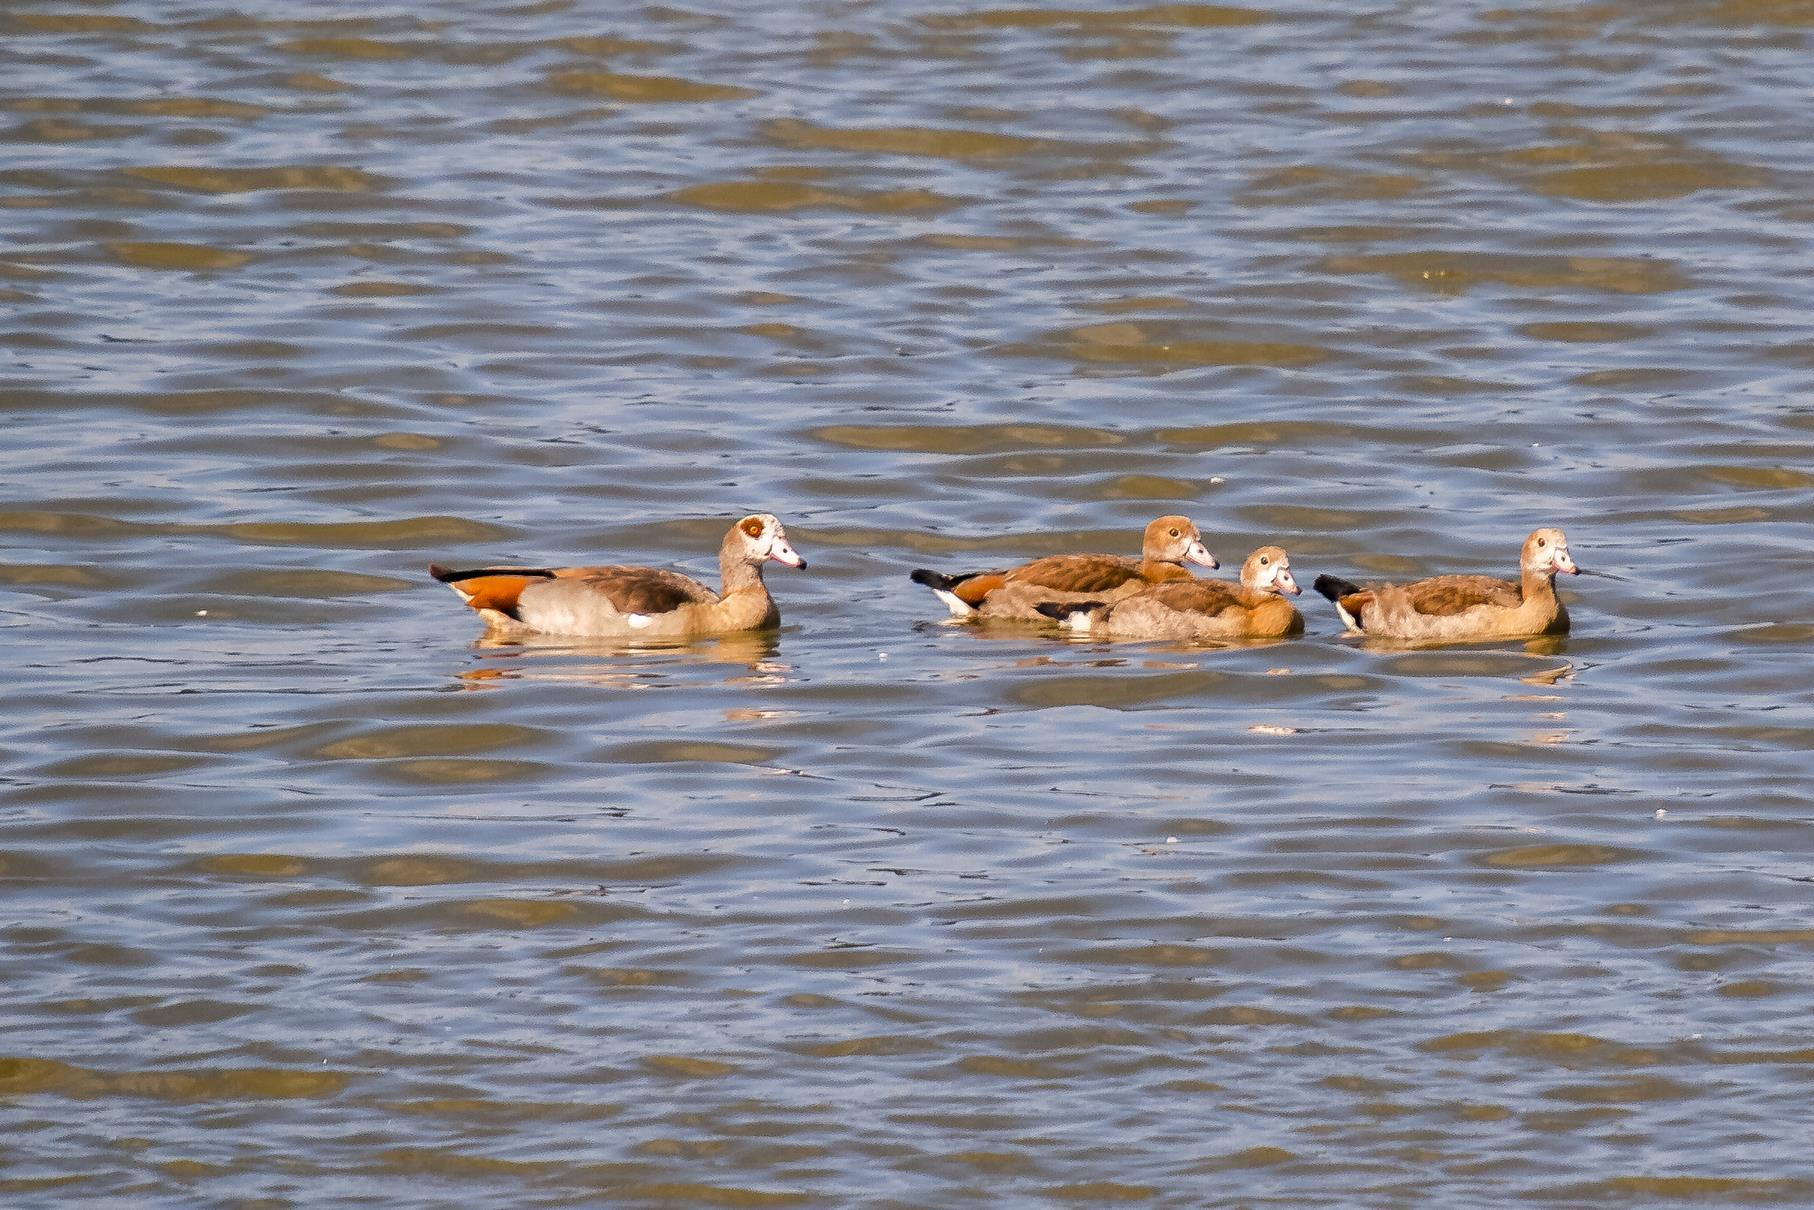 Eine Nilgans mit Nachwuchs schwimmt auf dem Wasser.